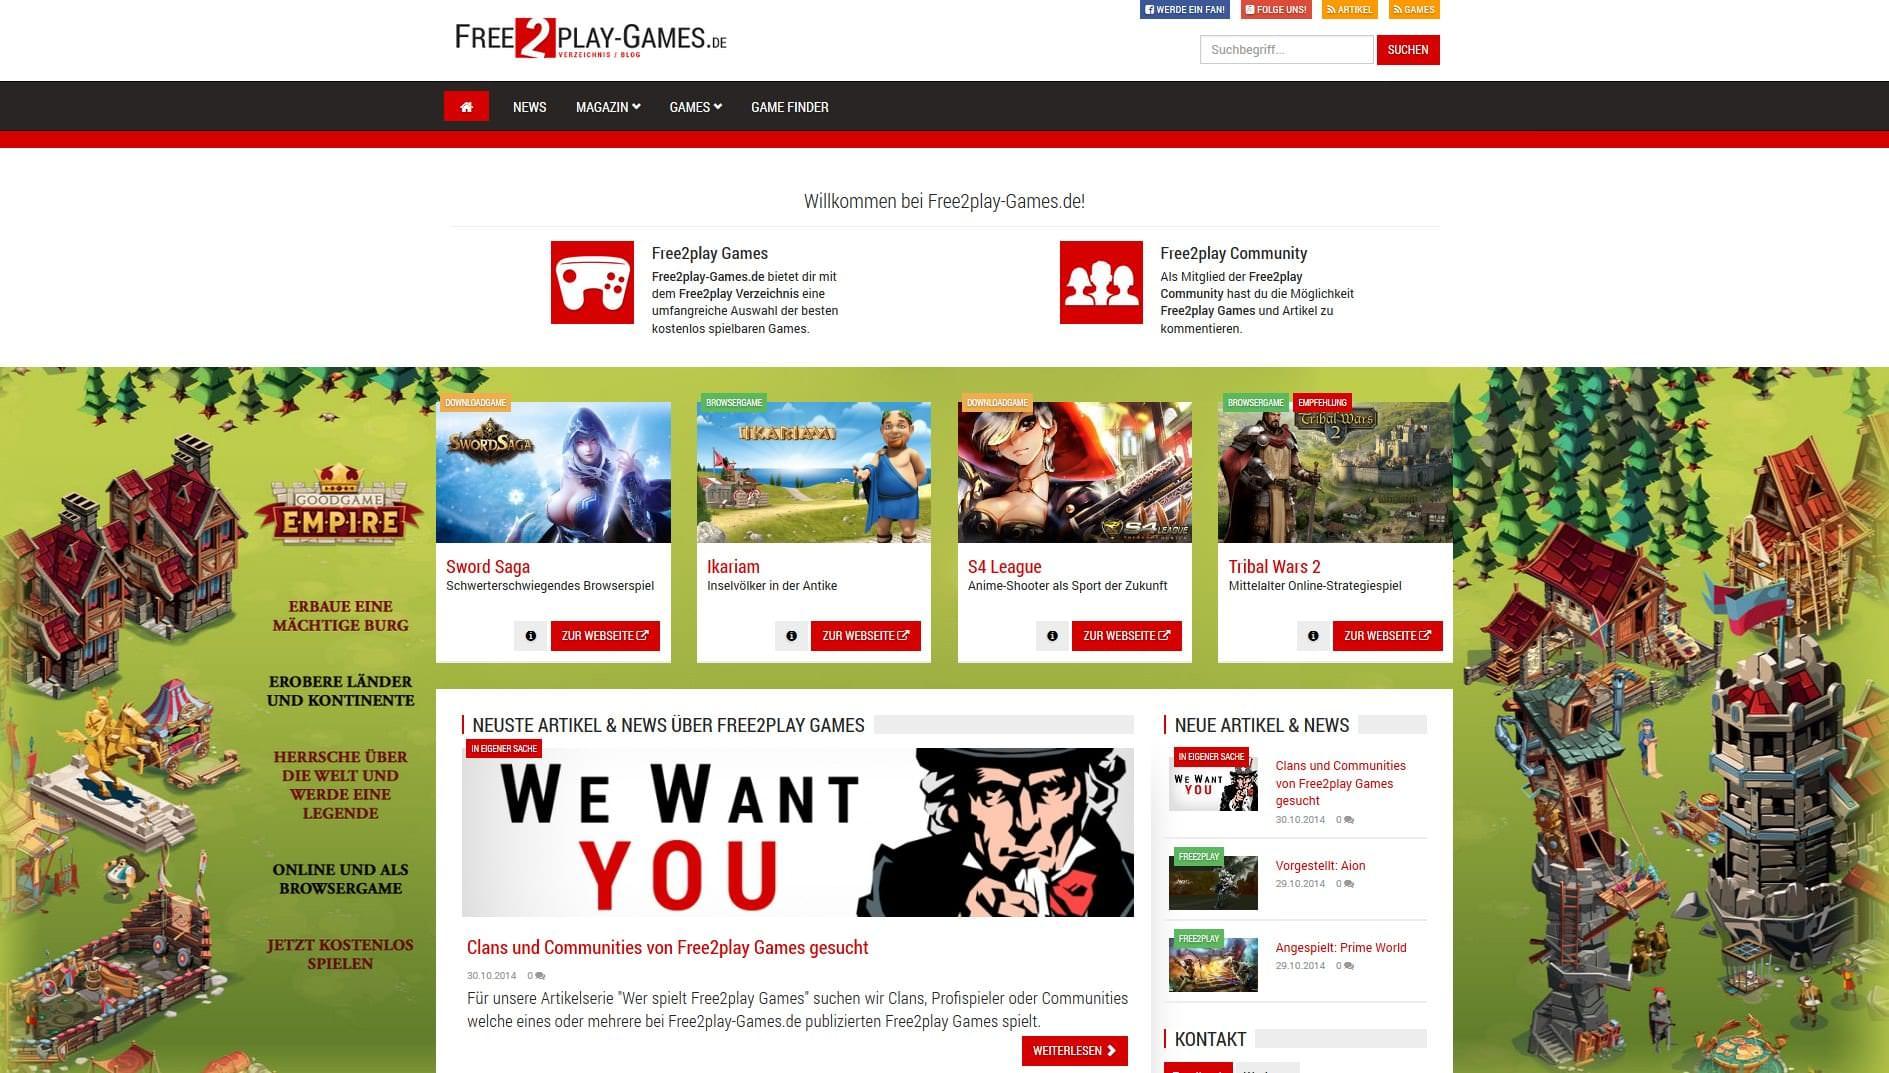 geile spiele online